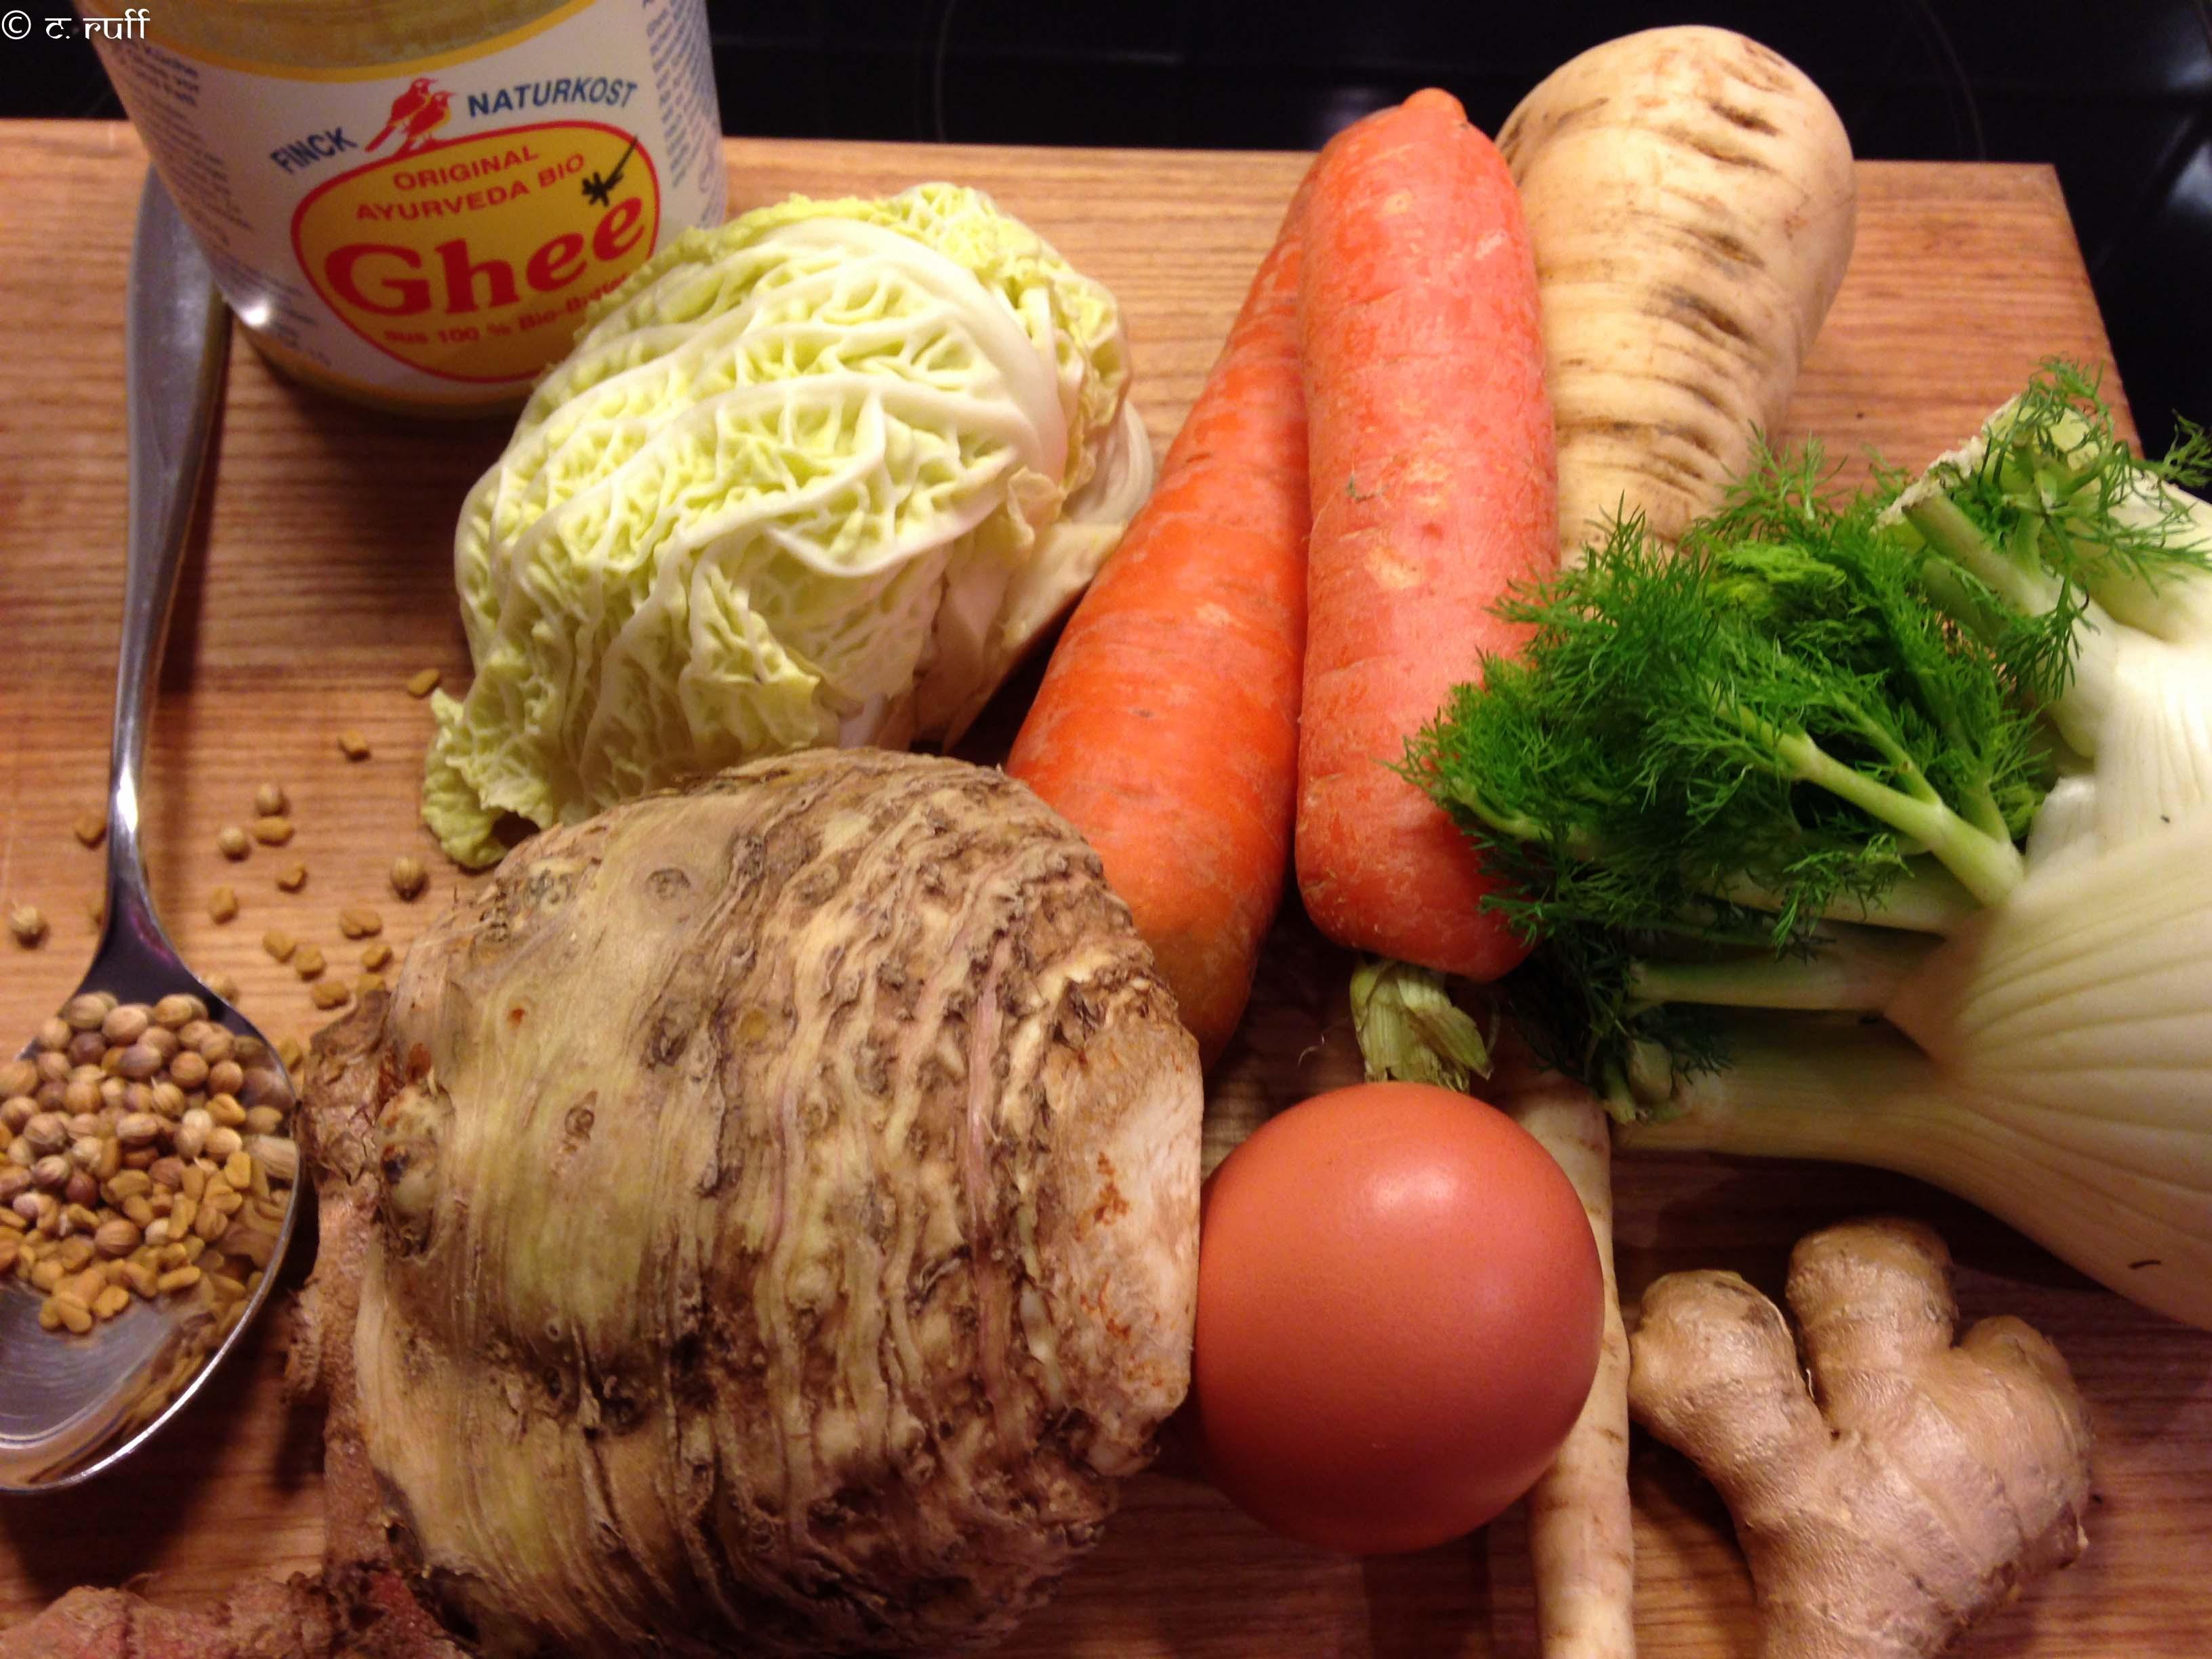 Gemüsesüppchen mit Wirsing,Fenchel,Karotte,Pastinake,Ei